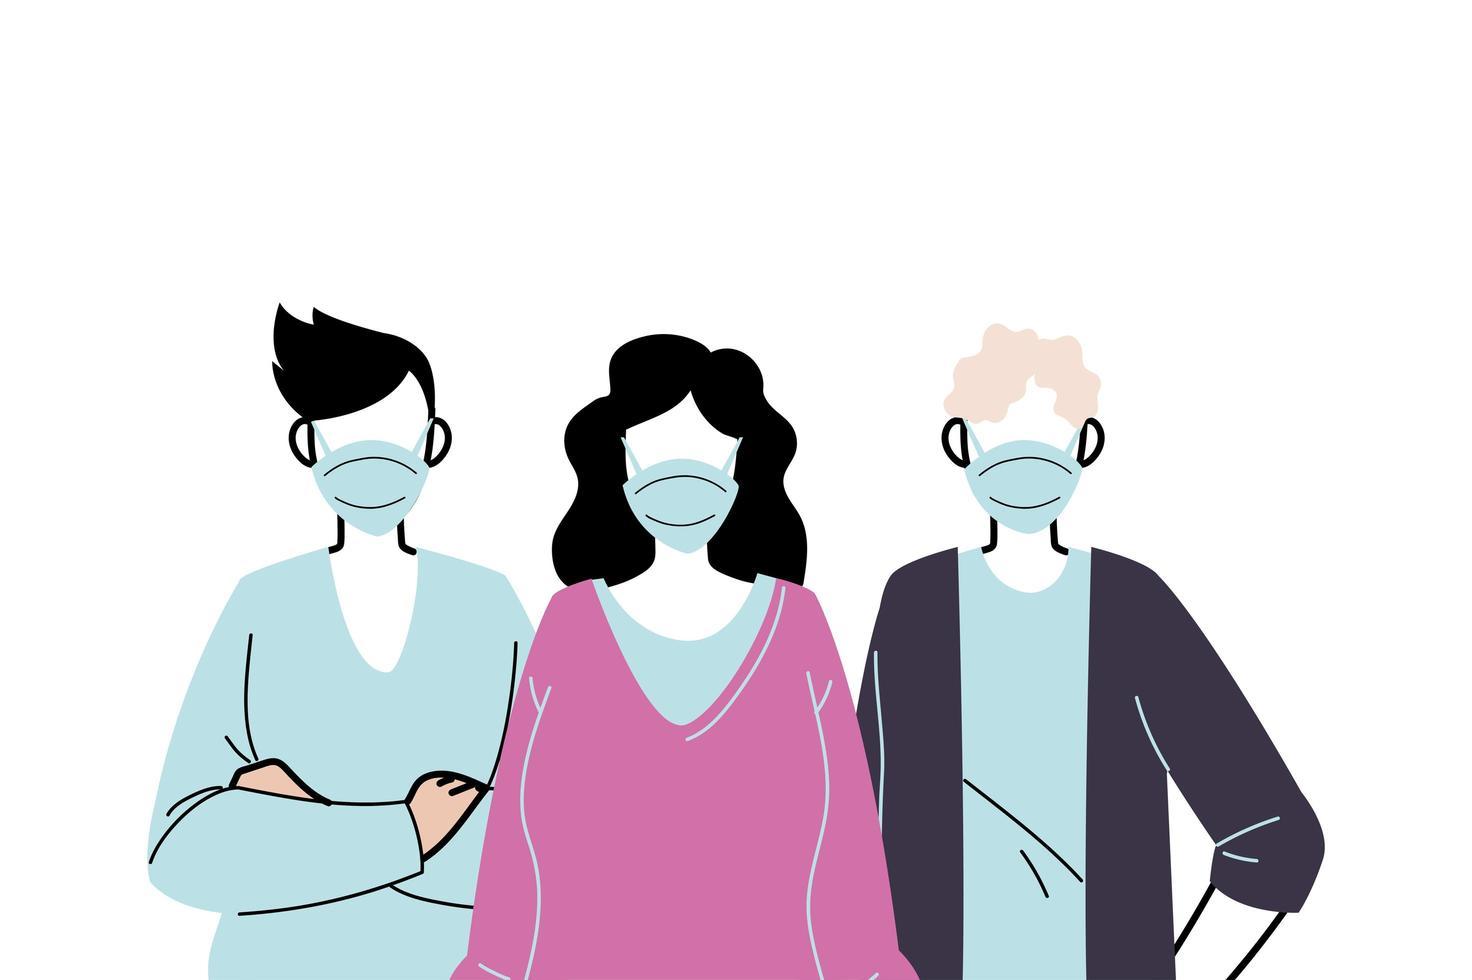 jeunes portant des masques faciaux pour prévenir le virus vecteur